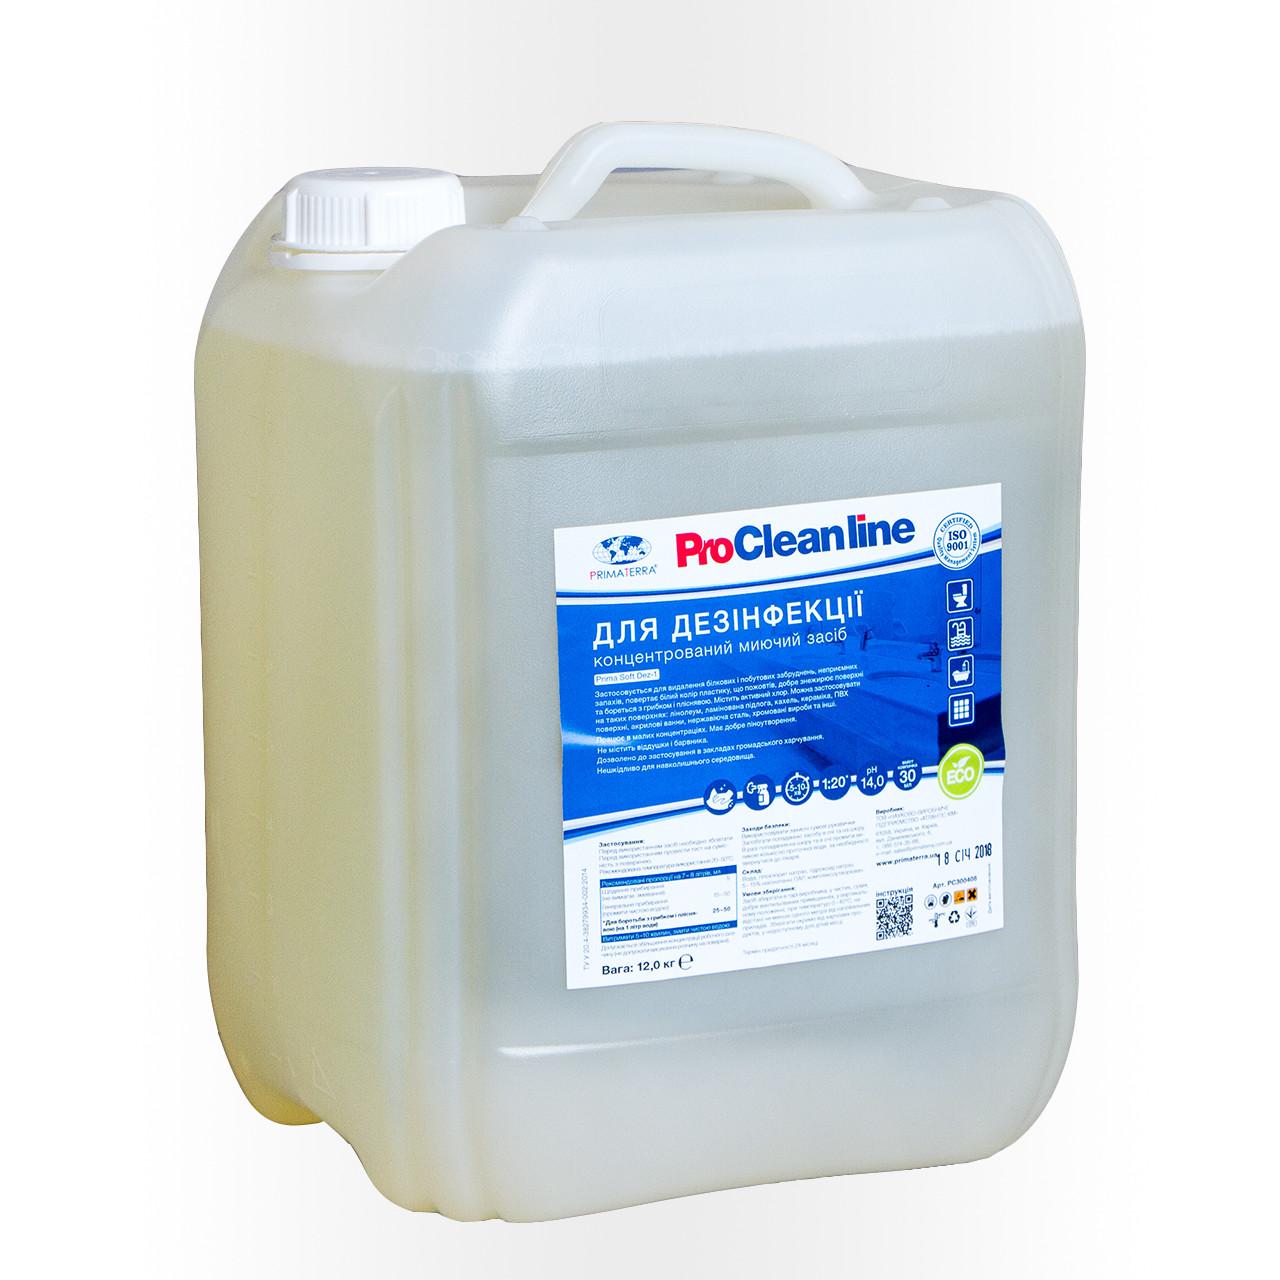 Моющее средство для дезинфекции, санузла, концентрат, PRIMATERRA Soft Dez-1 (12кг)